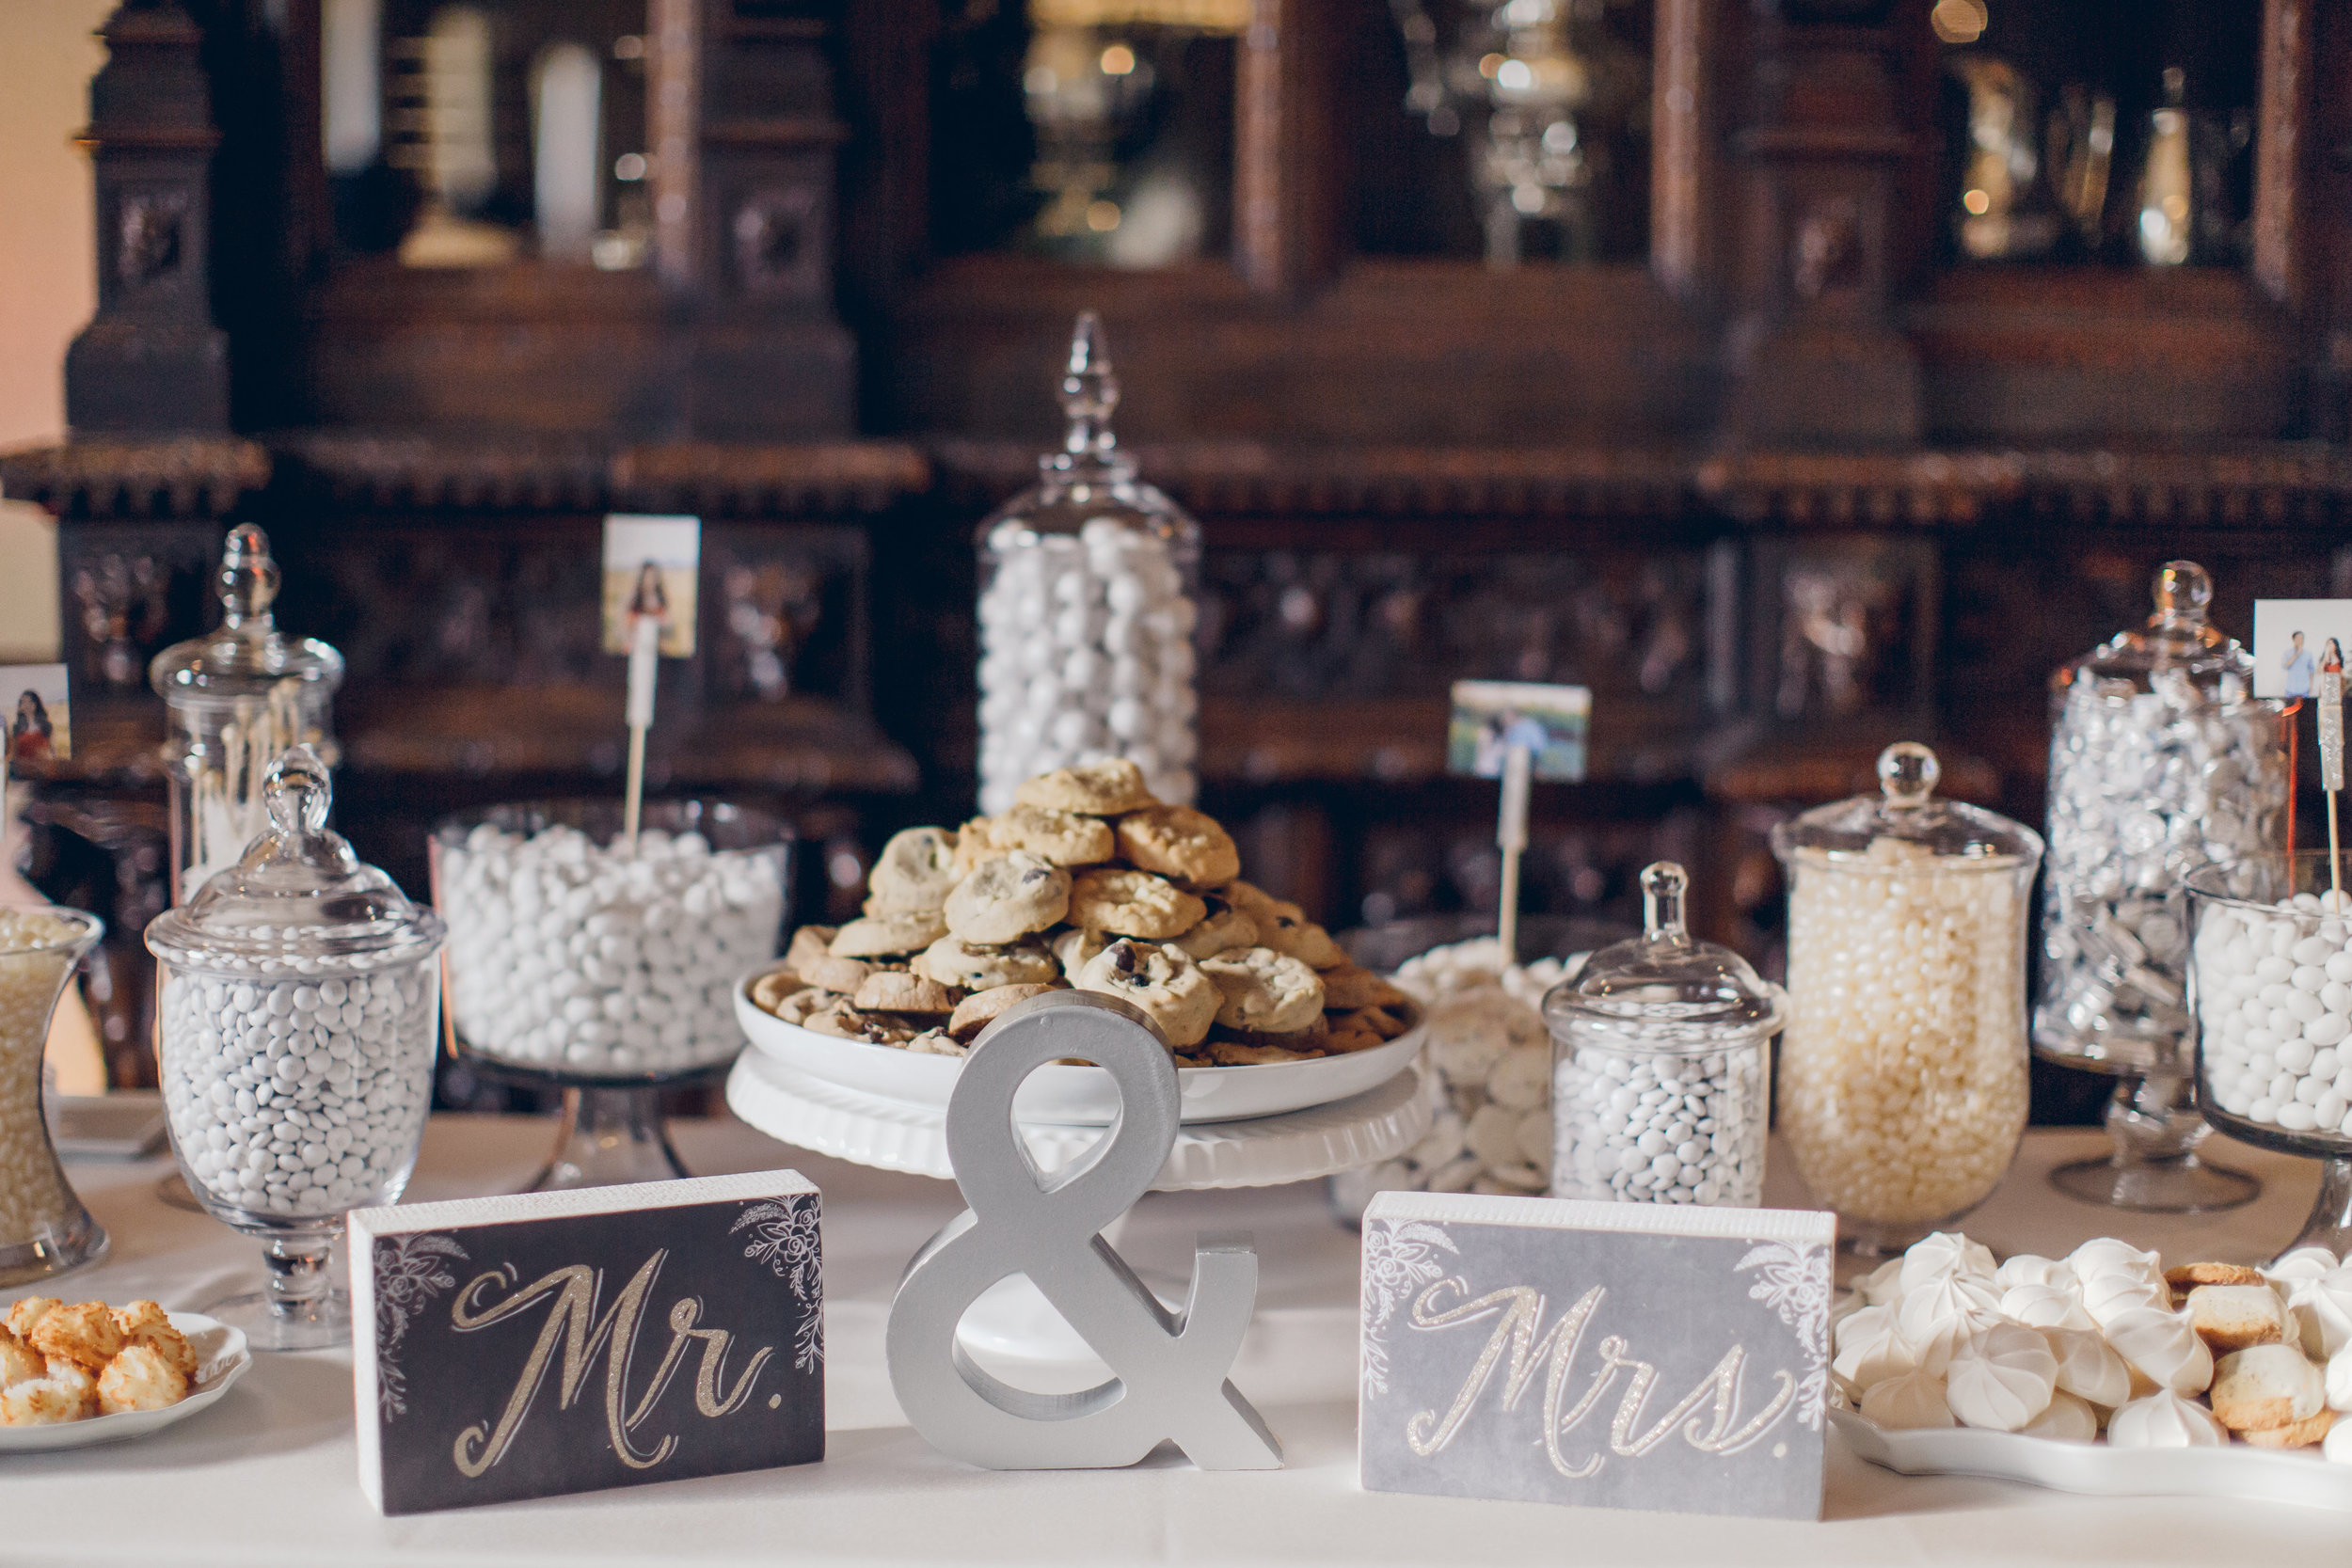 CYNTHIA-ANDY-WEDDING-0476-0383.jpg